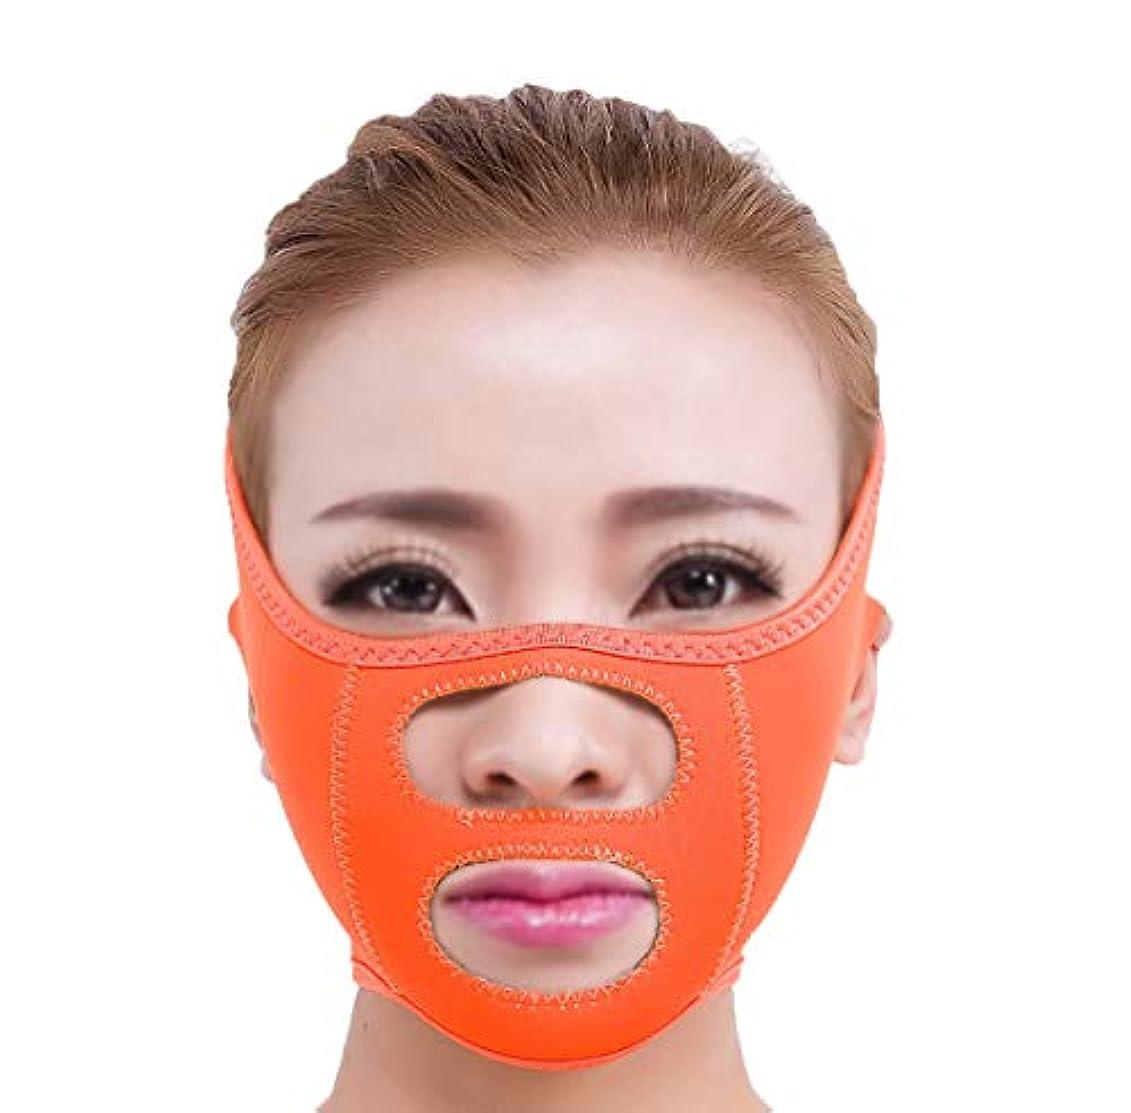 一部タンザニア必要条件GLJJQMY スリムベルトマスク薄い顔マスク睡眠薄い顔マスク薄い顔包帯薄い顔アーティファクト薄い顔薄い顔薄い顔小さいV顔睡眠薄い顔ベルト 顔用整形マスク (Color : Blue)